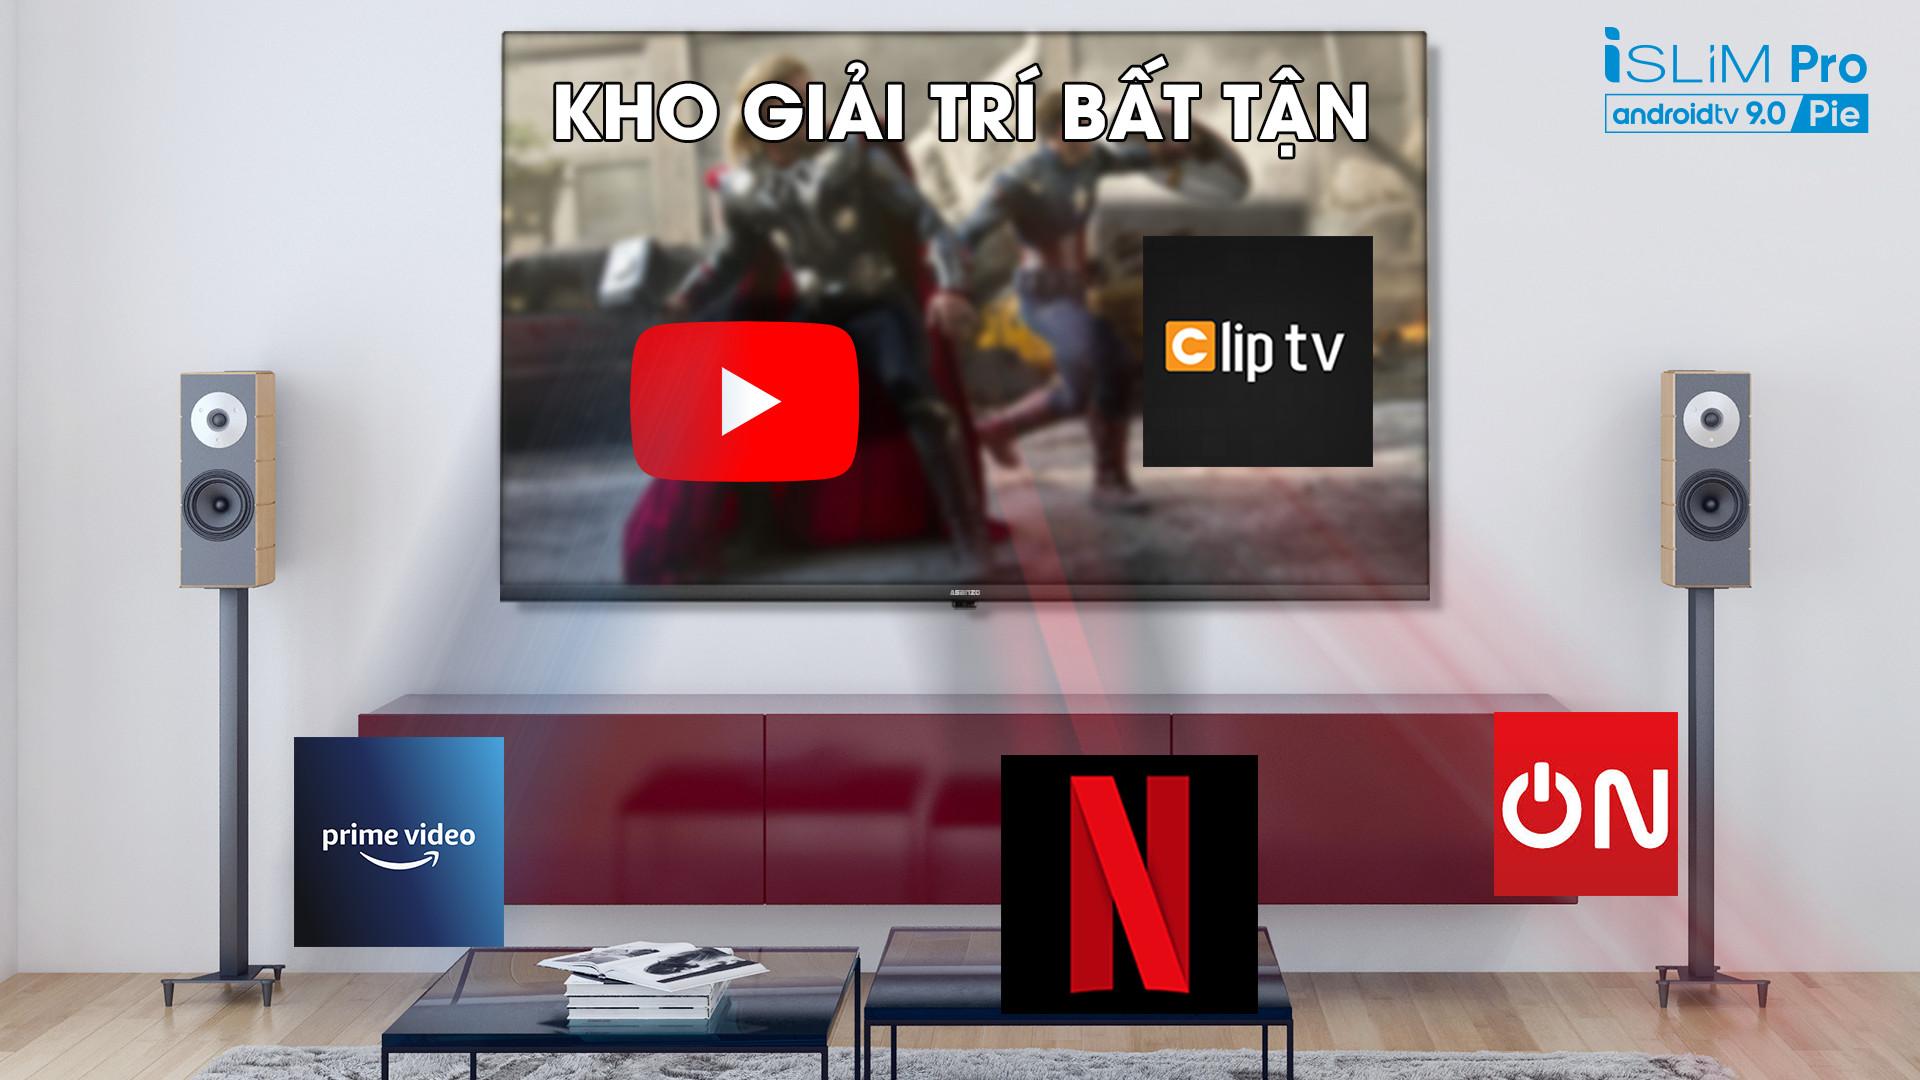 """Smart TV Asanzo iSLIM PRO 43""""- 43S51 (Android 9.0 Pie – 2020) - Hàng Chính Hãng"""